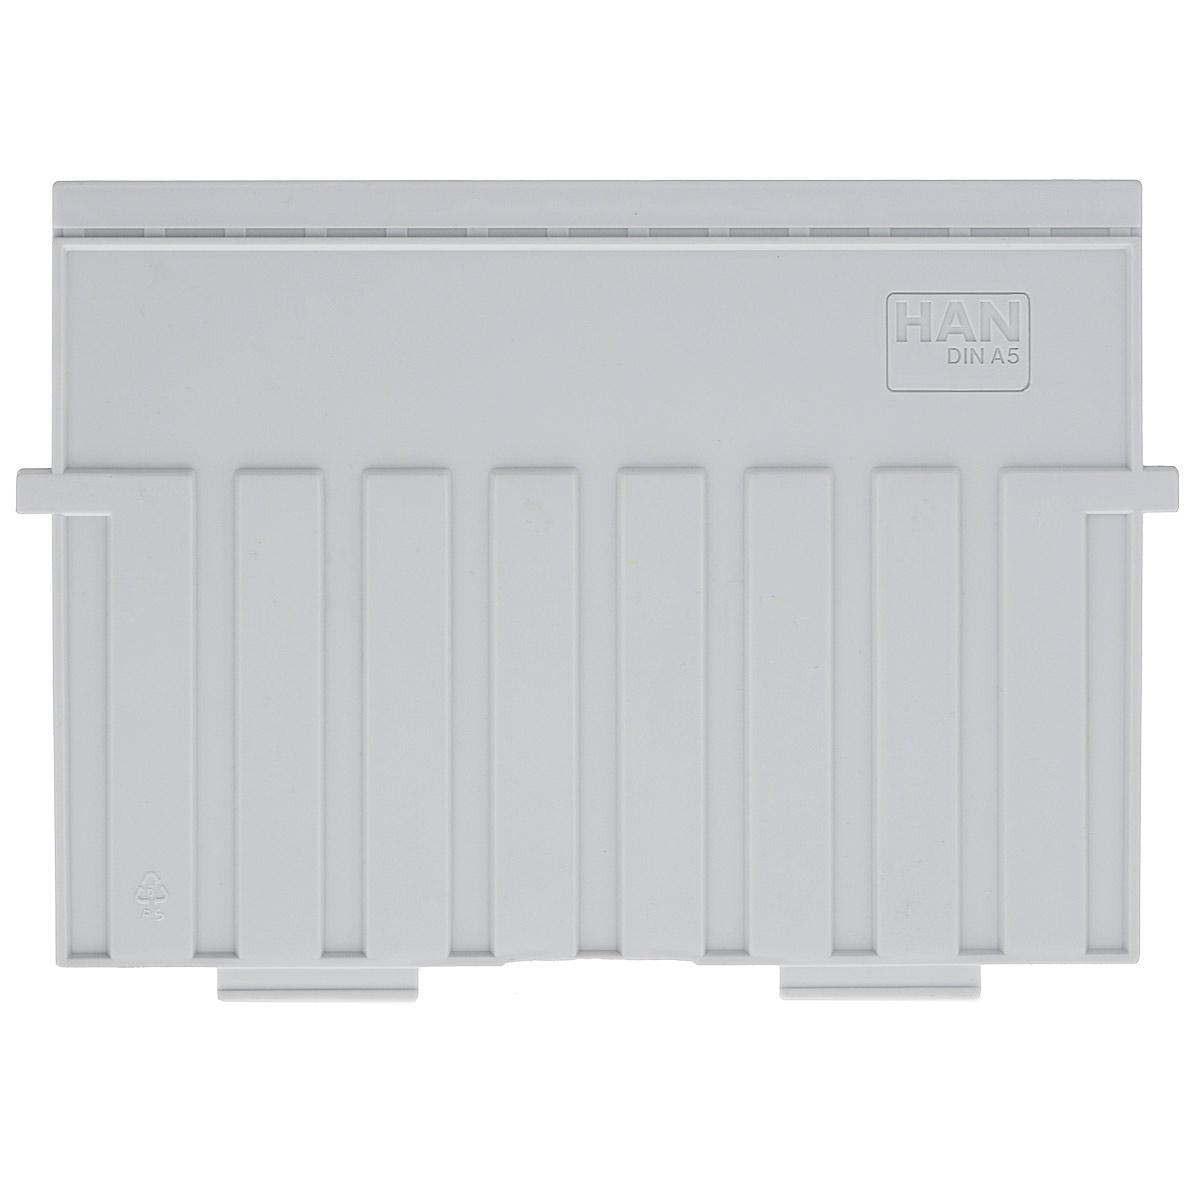 Разделитель для горизонтальной картотеки Han, цвет: серый. Формат А5HA9025/11Разделитель для картотеки Han изготовлен из пластика серого цвета. Предназначен для горизонтальных картотек HAN. Имеется специальное поле для установки индексного окна (сверху).